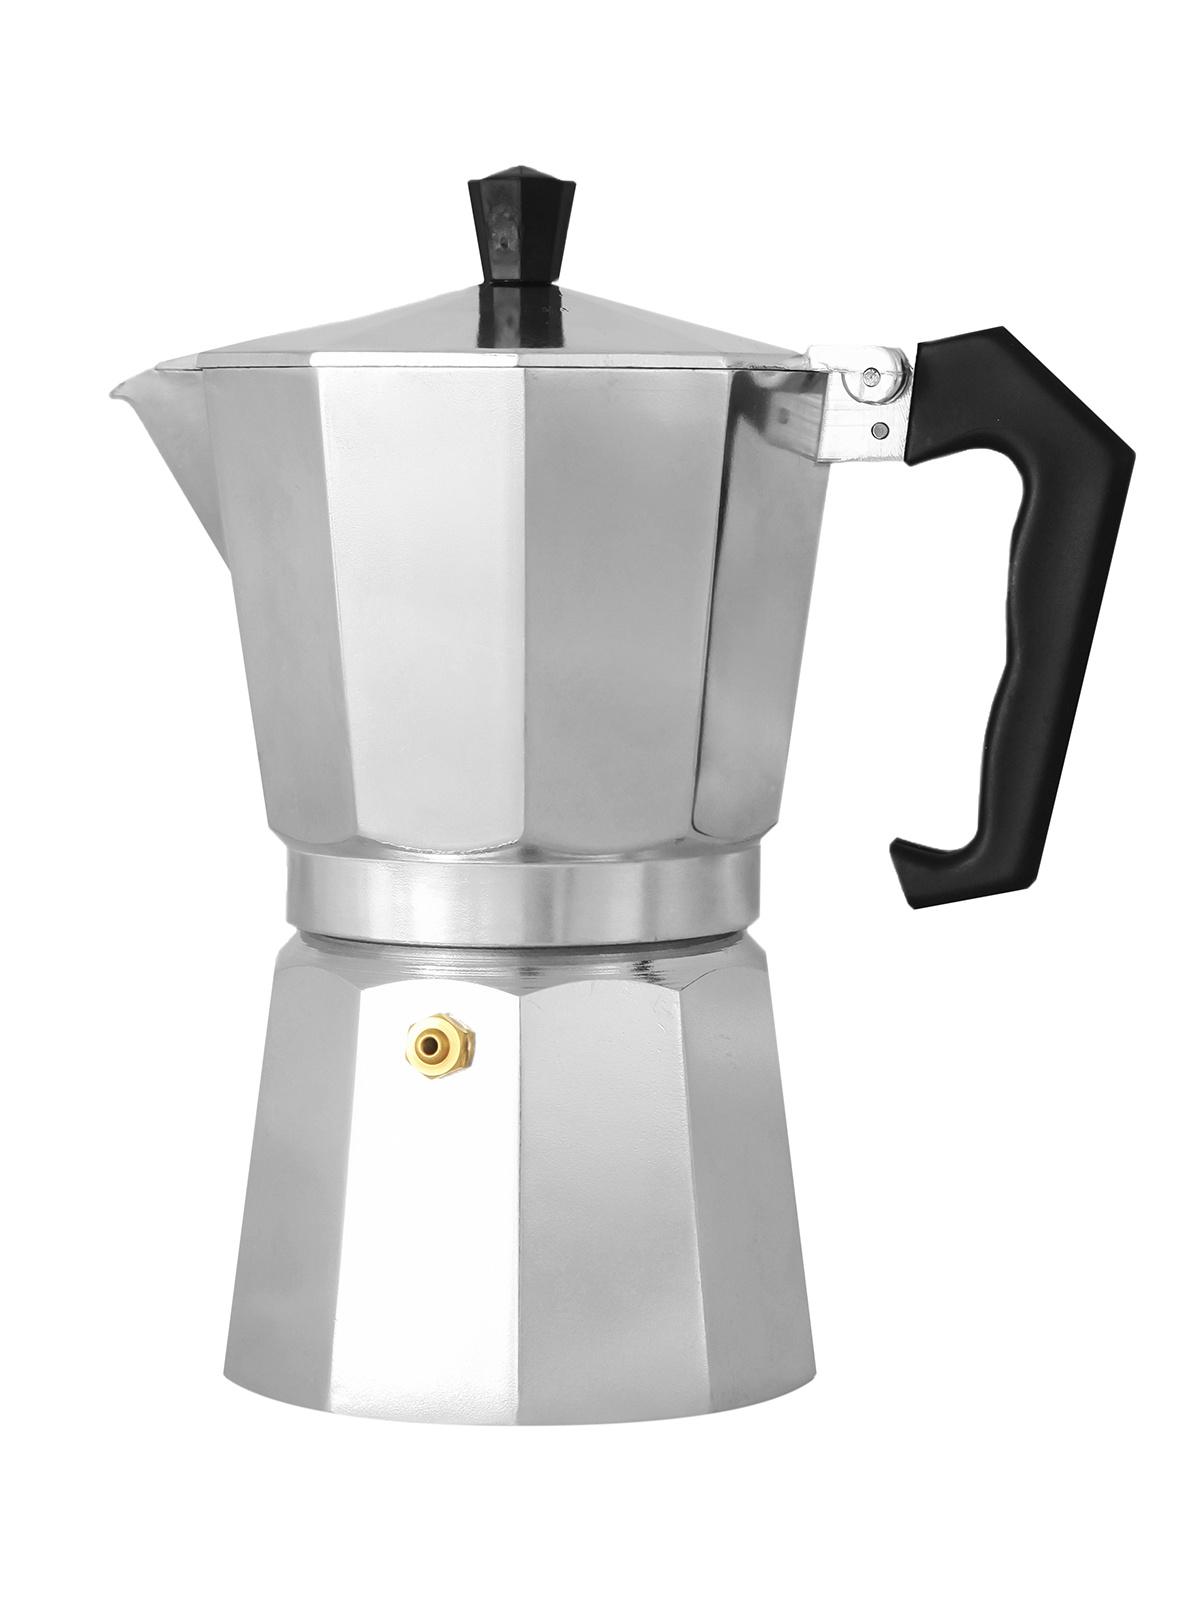 Гейзерная кофеварка ITALCO EXPRESS, Алюминий гейзерная кофеварка italco express алюминий